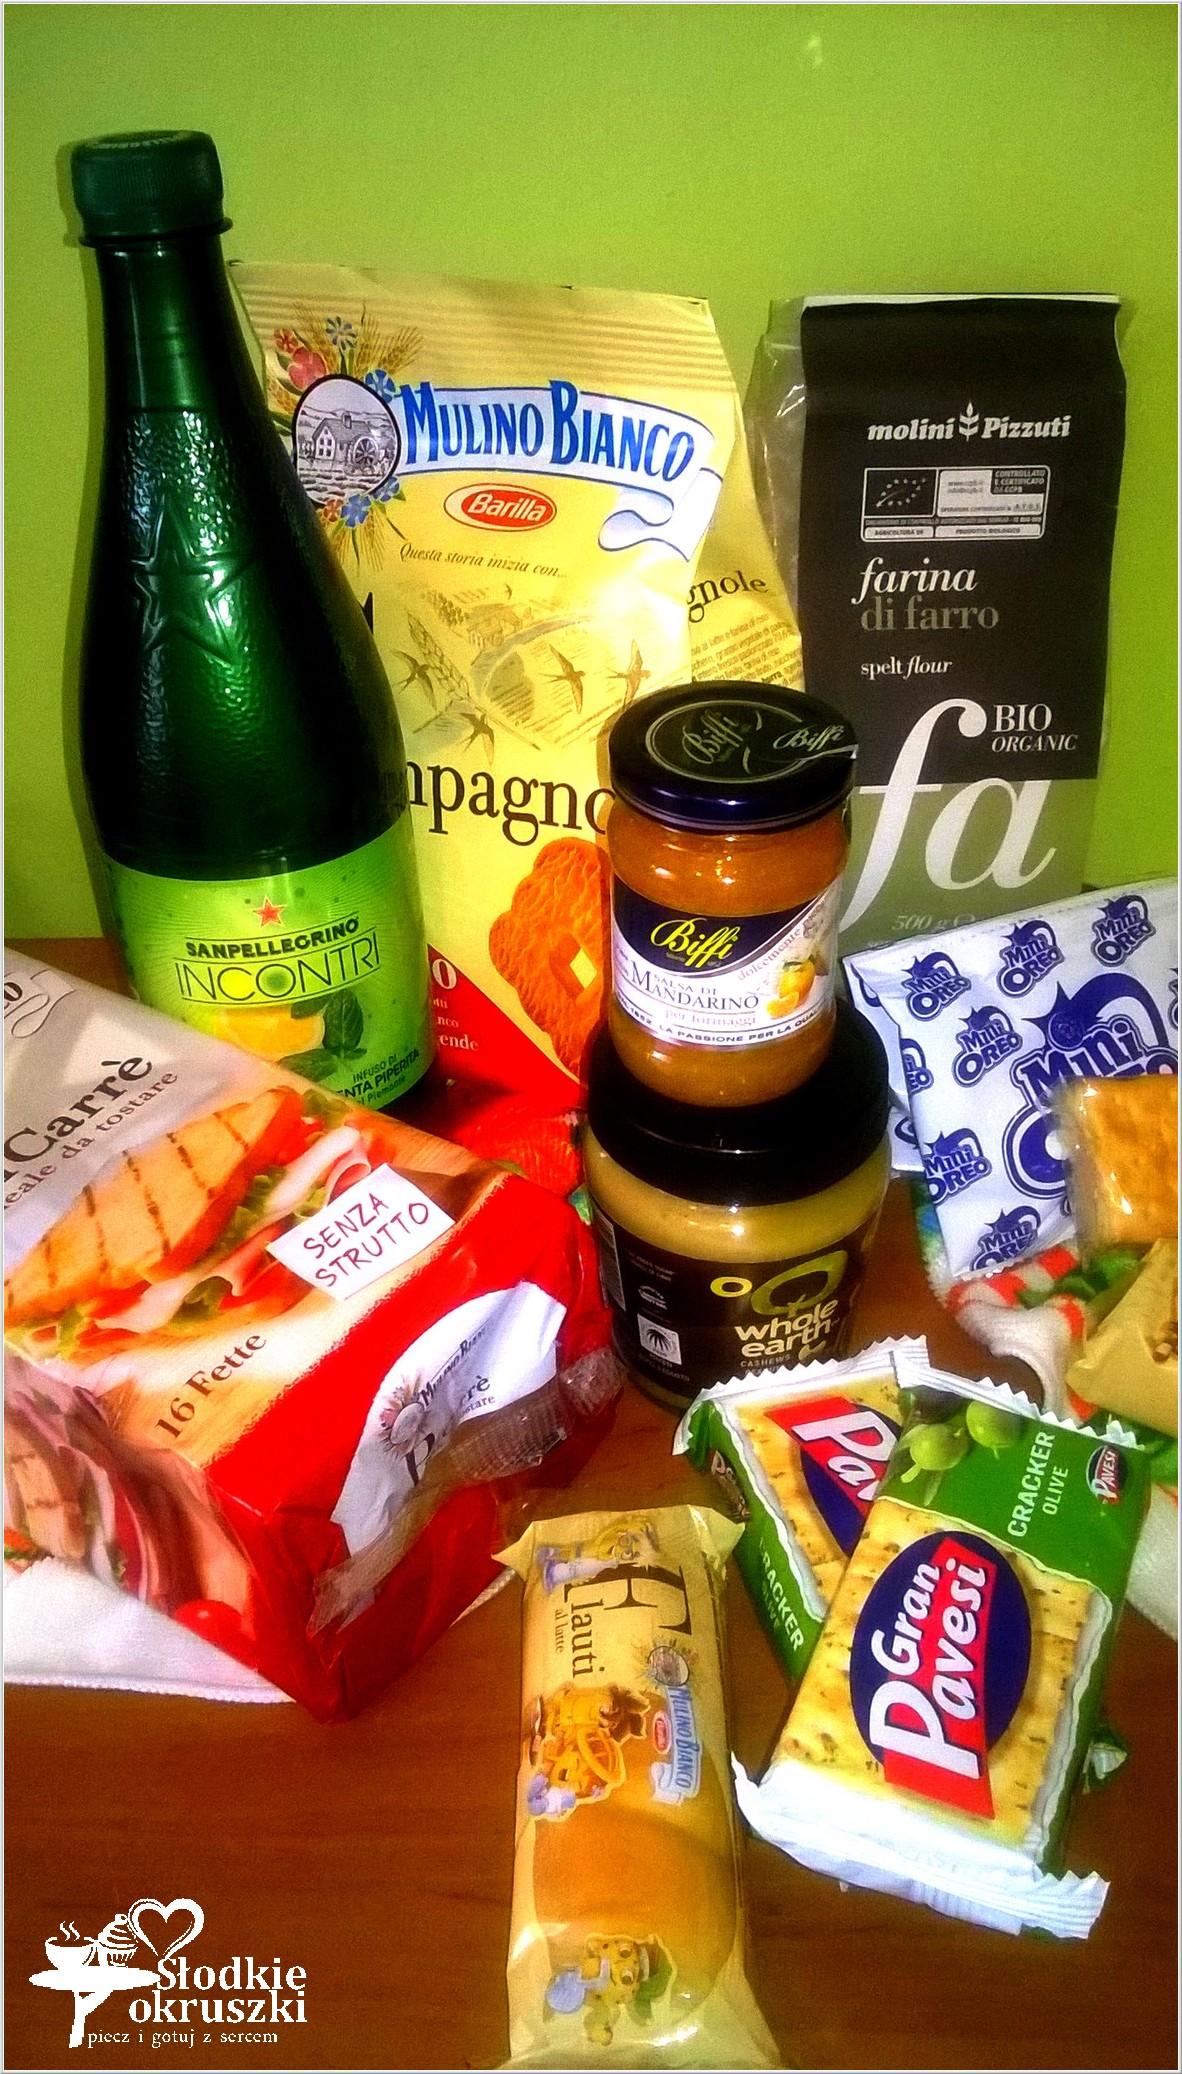 Smaki kuchni śródziemnomorskiej. Zapraszam do sklepu Smaki Południa